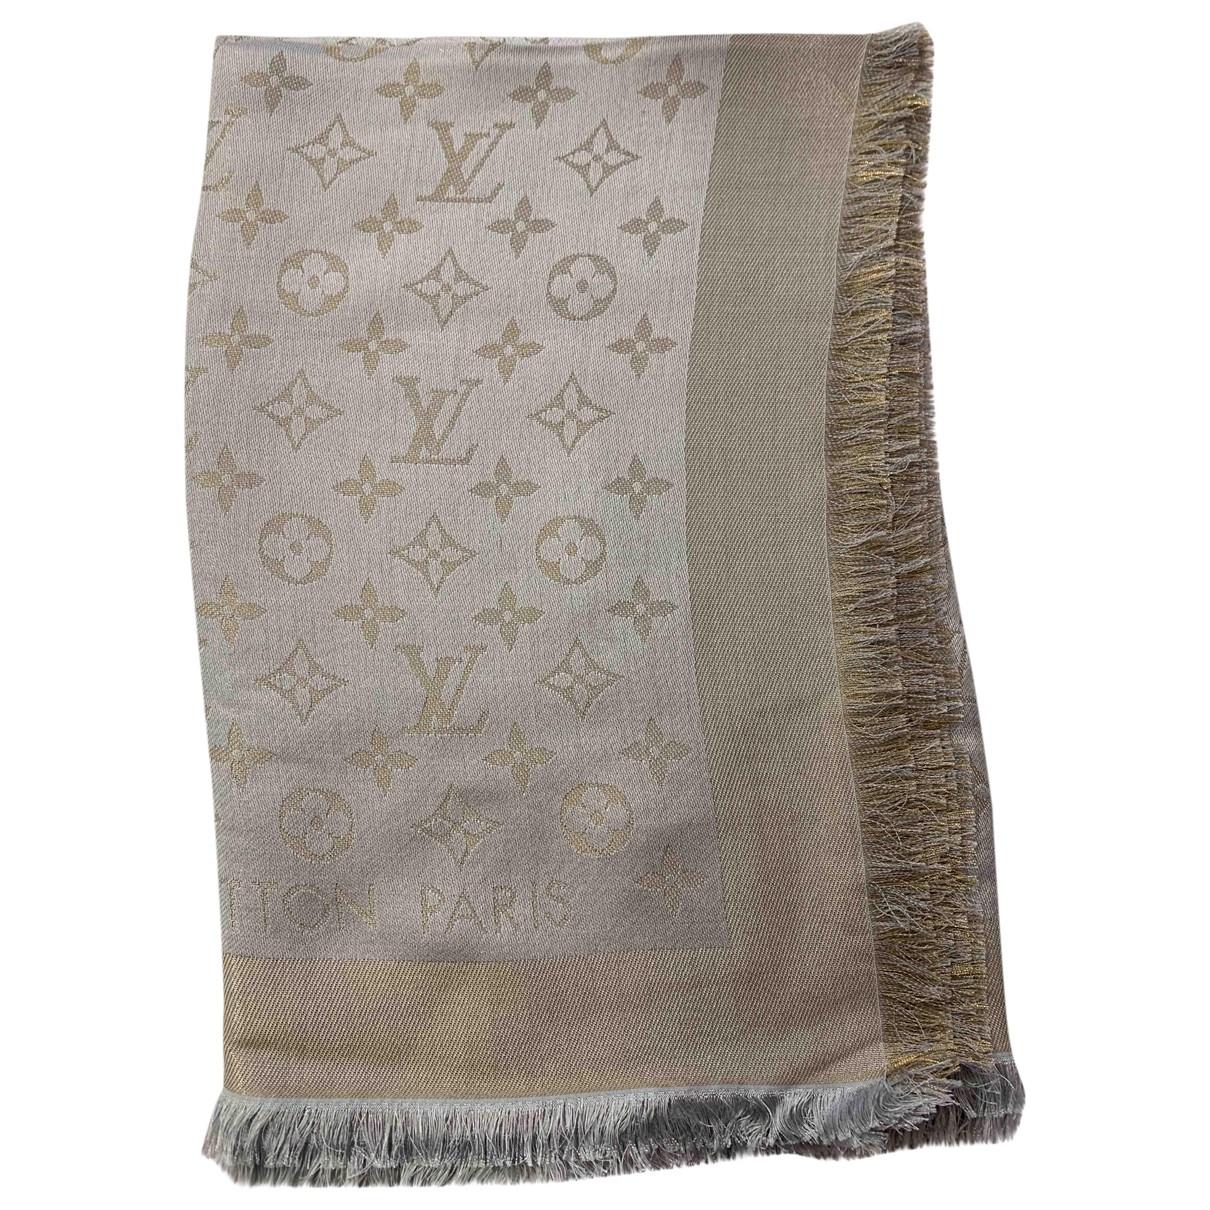 Estola Chale Monogram shine de Seda Louis Vuitton